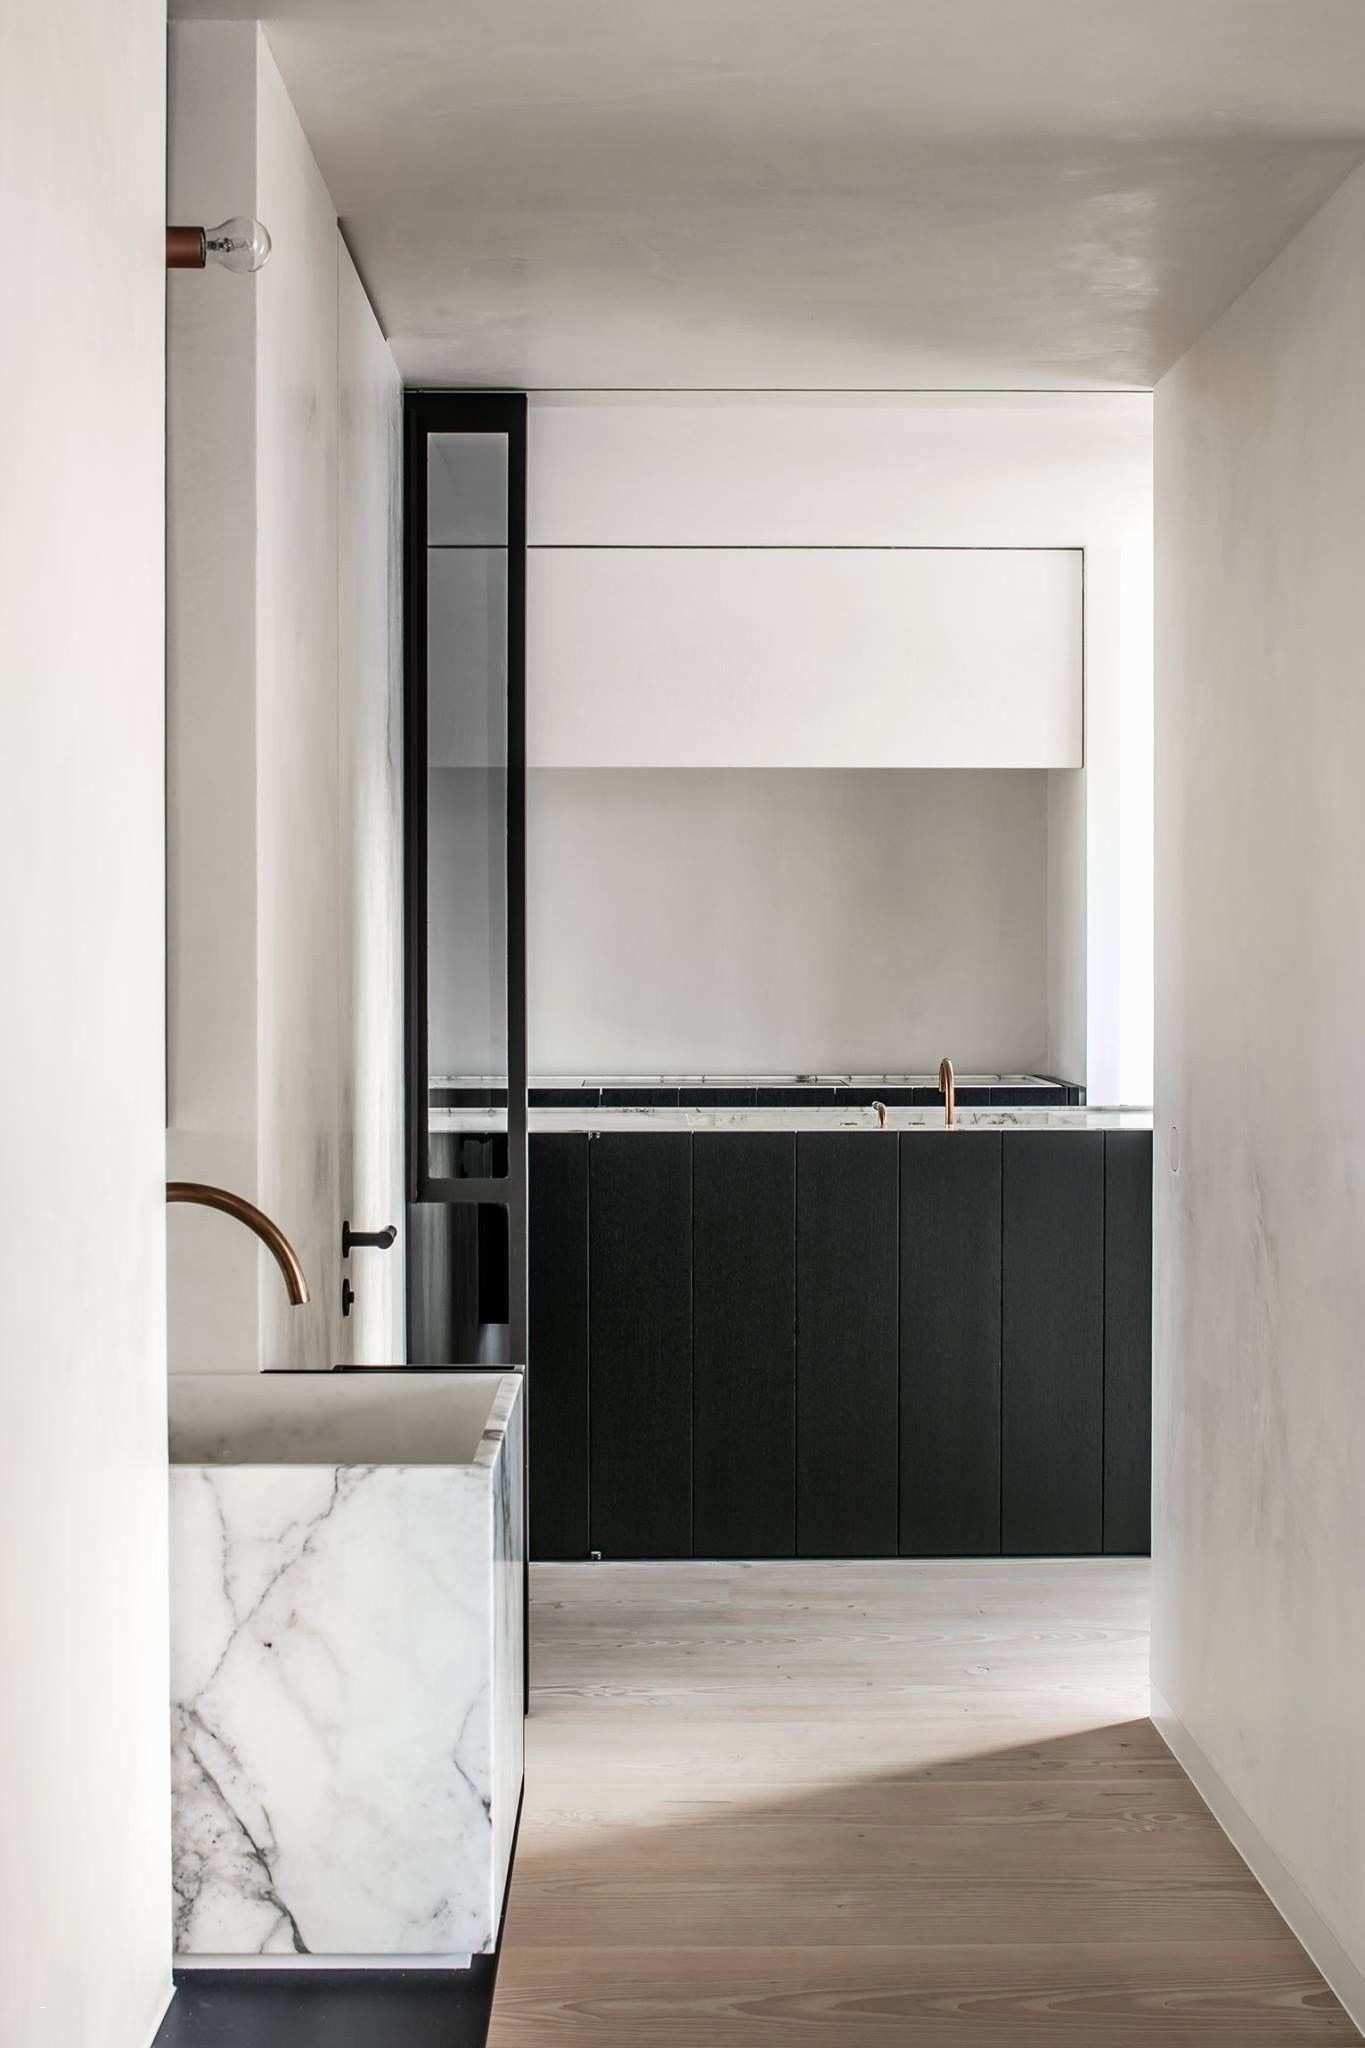 Lit Mezzanine Design Beau étourdissant Chambre Mezzanine Ado Sur Lit Mezzanine Design Lit